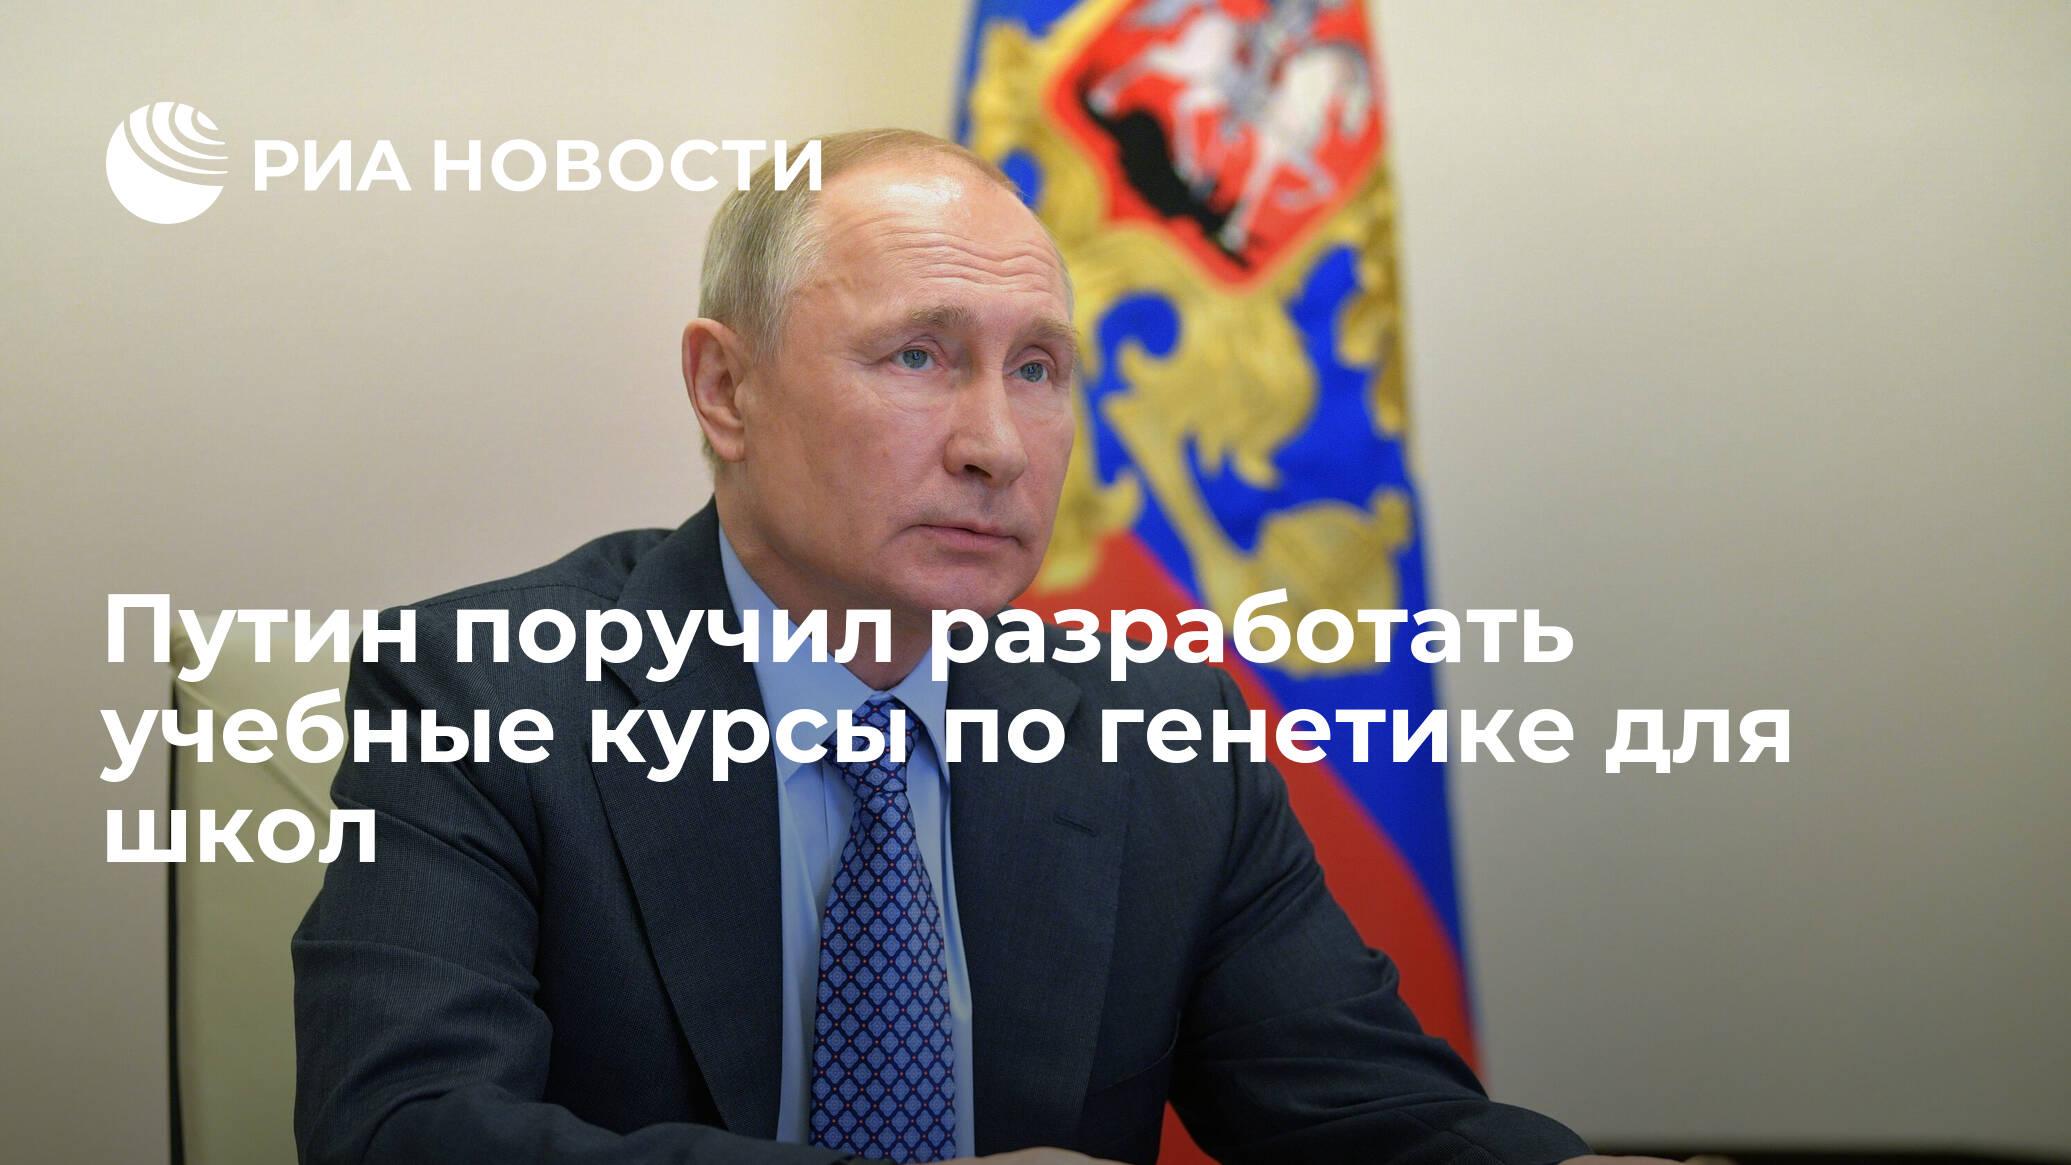 Путин поручил разработать учебные курсы по генетике для школ